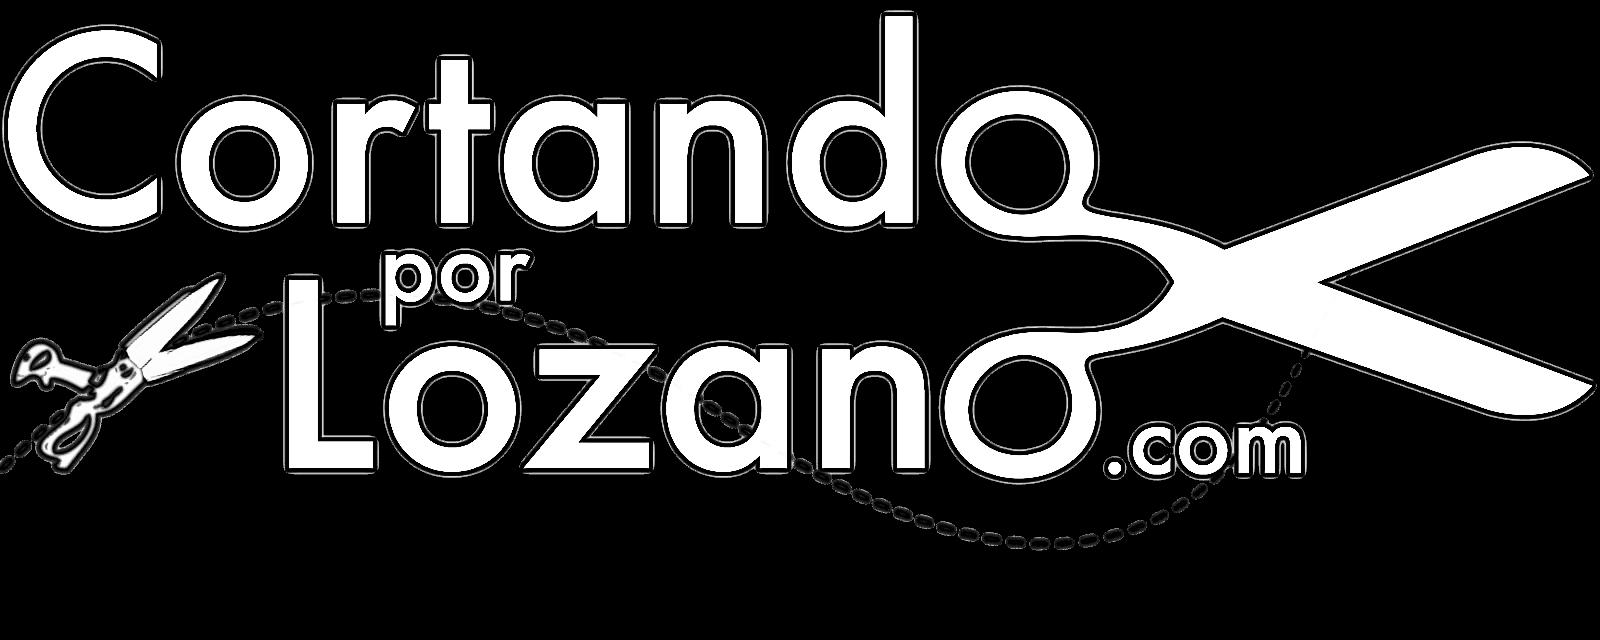 La Columna De La Informacion De Matias Lozano Diaz De Leon 16 12 2019 Cortando Por Lozano